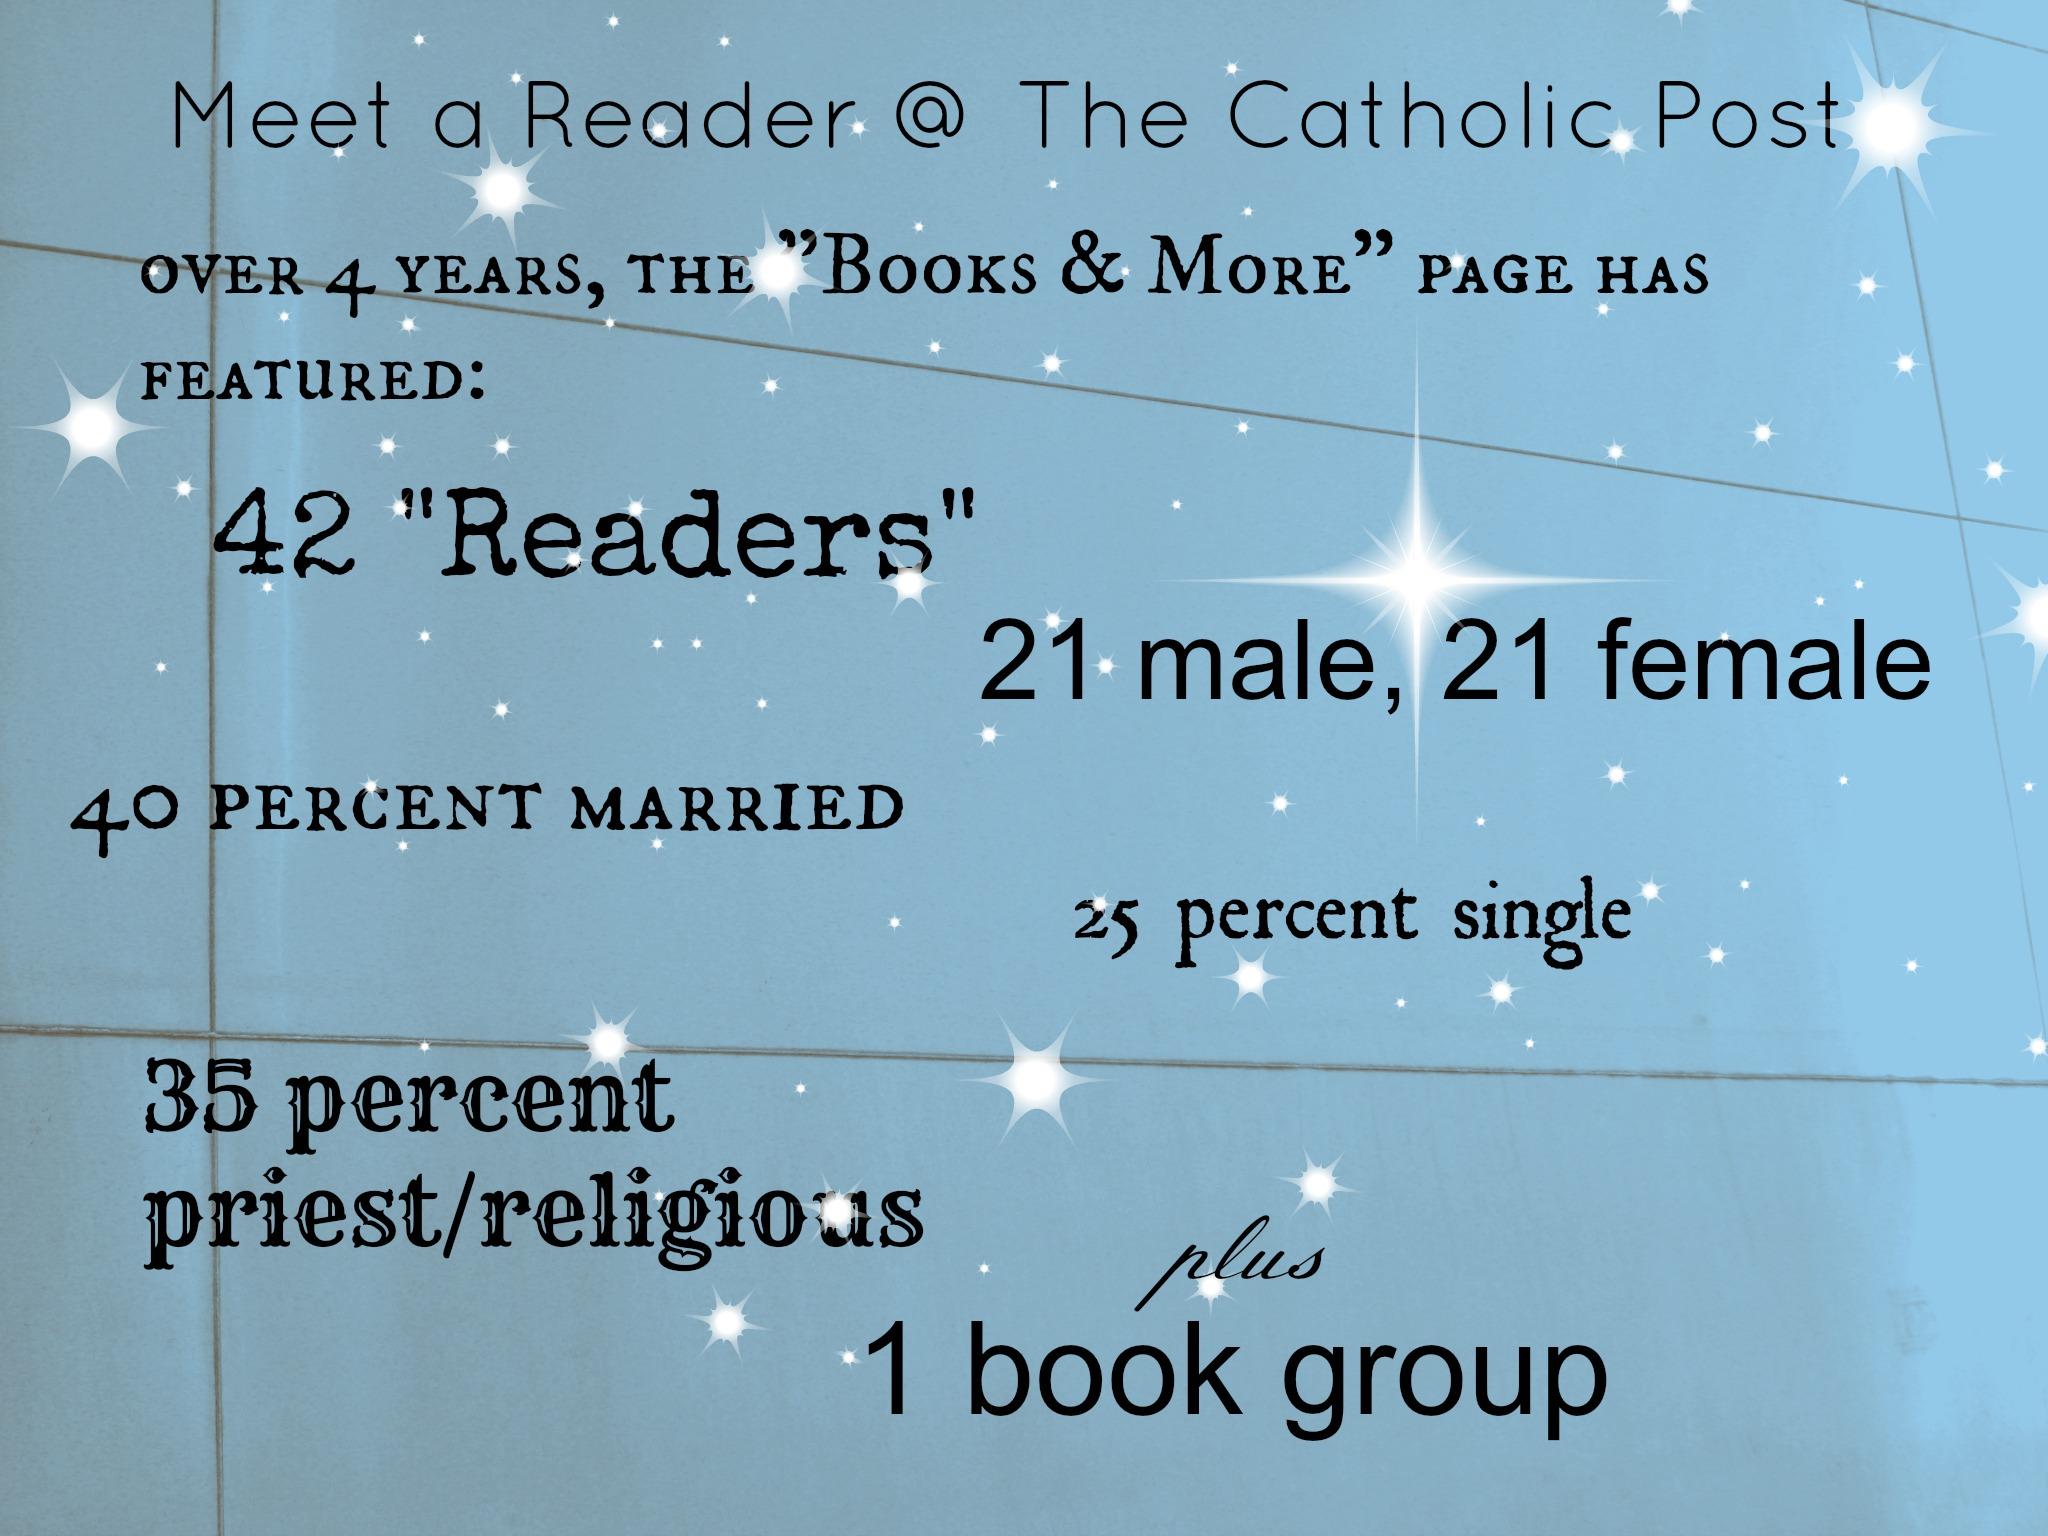 Meet a Reader stats